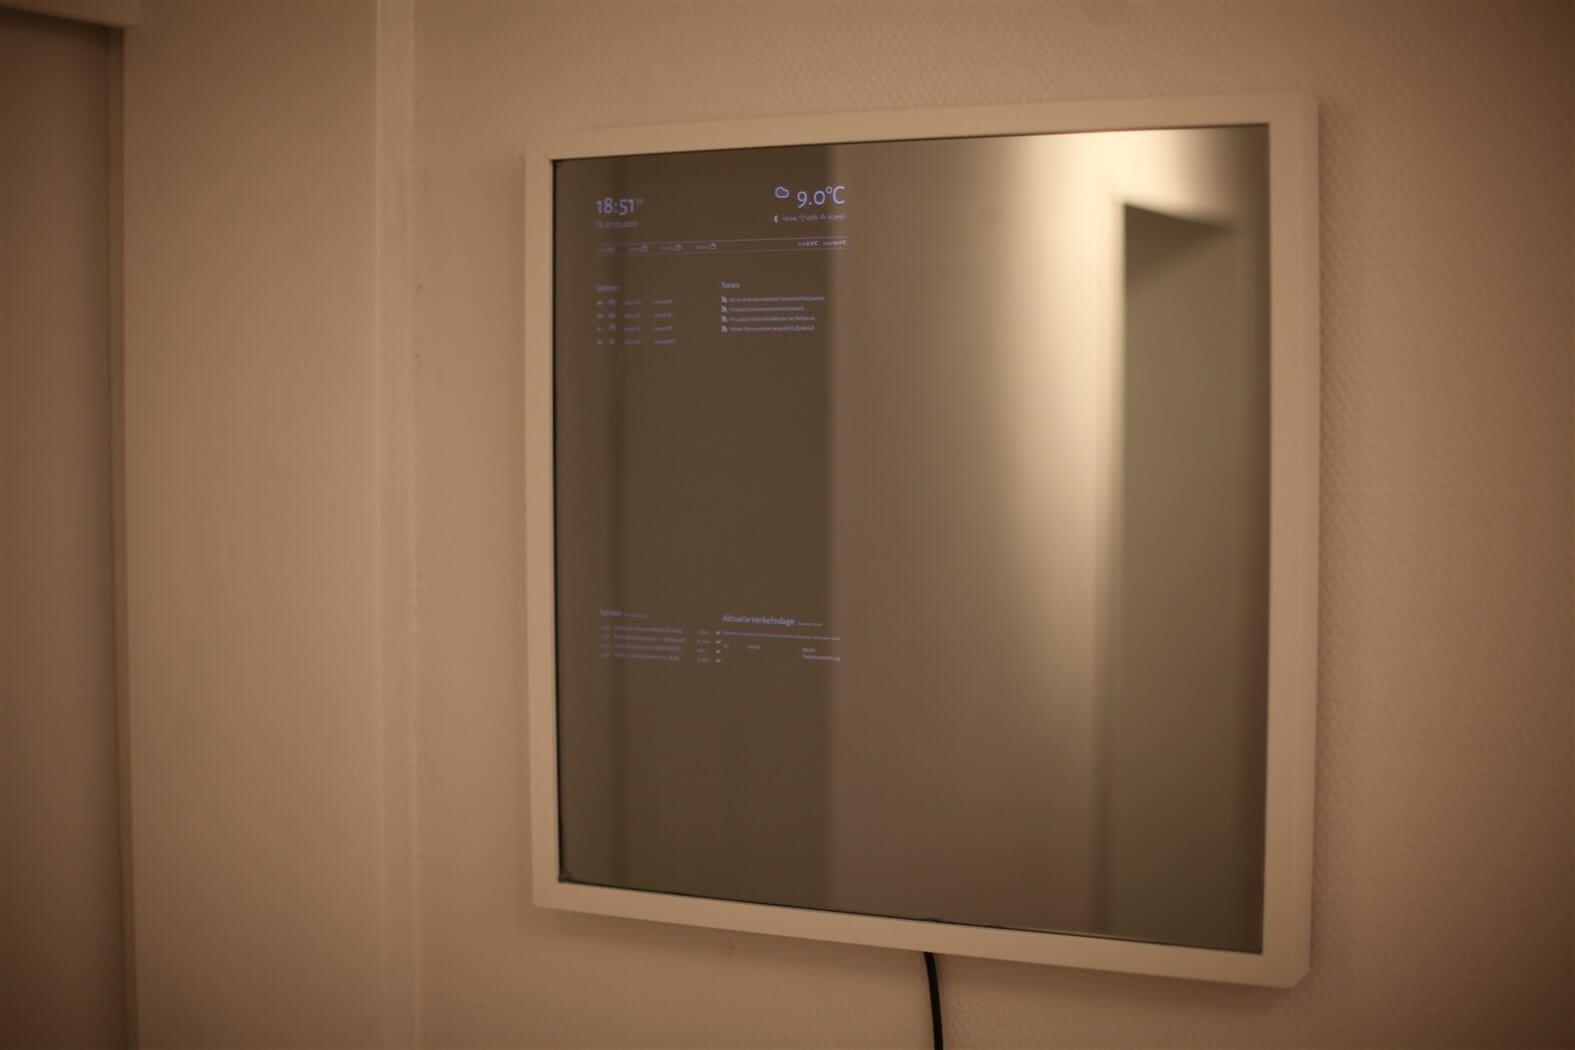 Intelligenten Spiegel Ohne Programmierkenntnisse Selber Bauen Mit Bildern Haustechnik Selber Bauen Elektronik Smart Spiegel